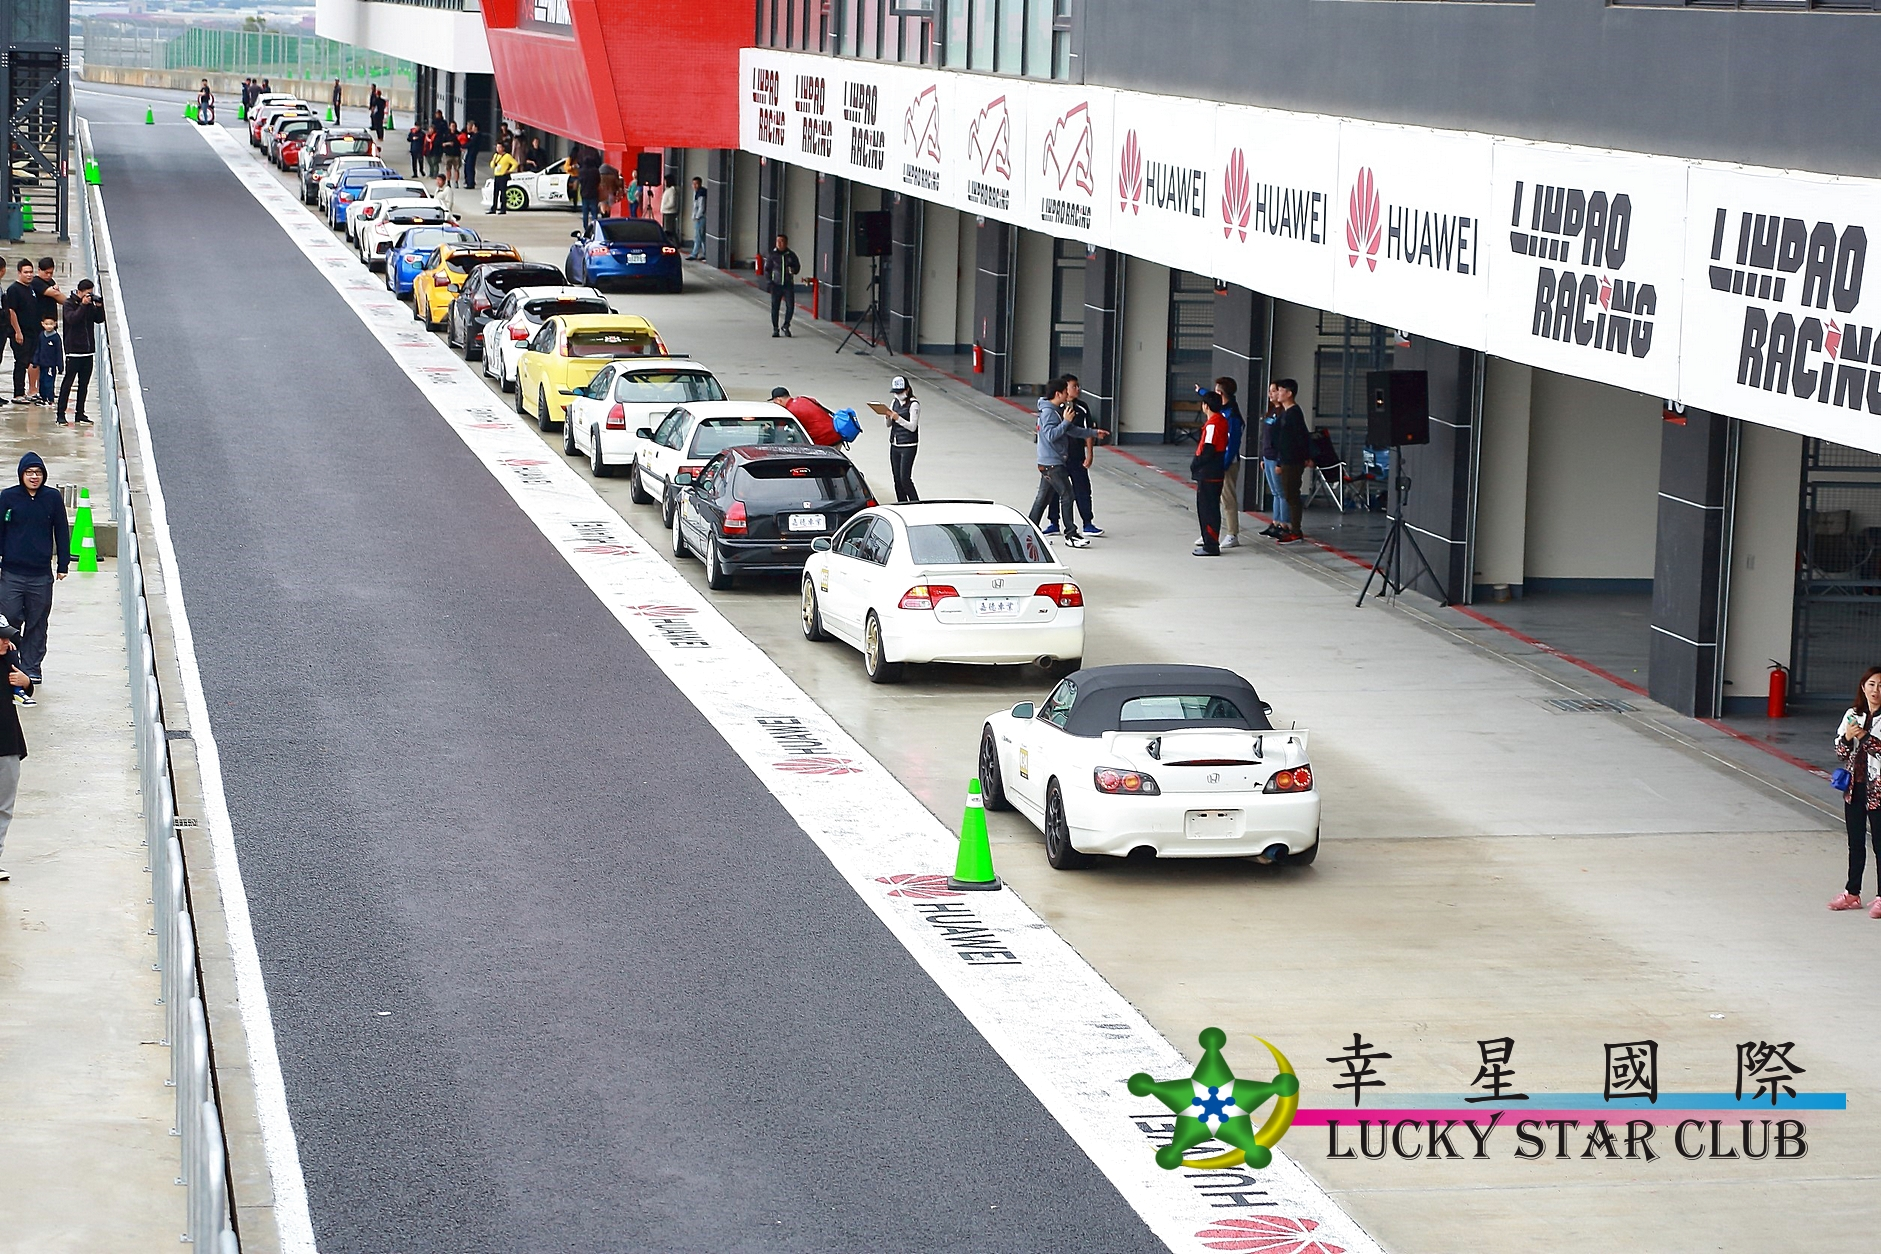 麗寶賽車嘉年華會 推廣全民賽車運動 - Yahoo奇摩汽車機車